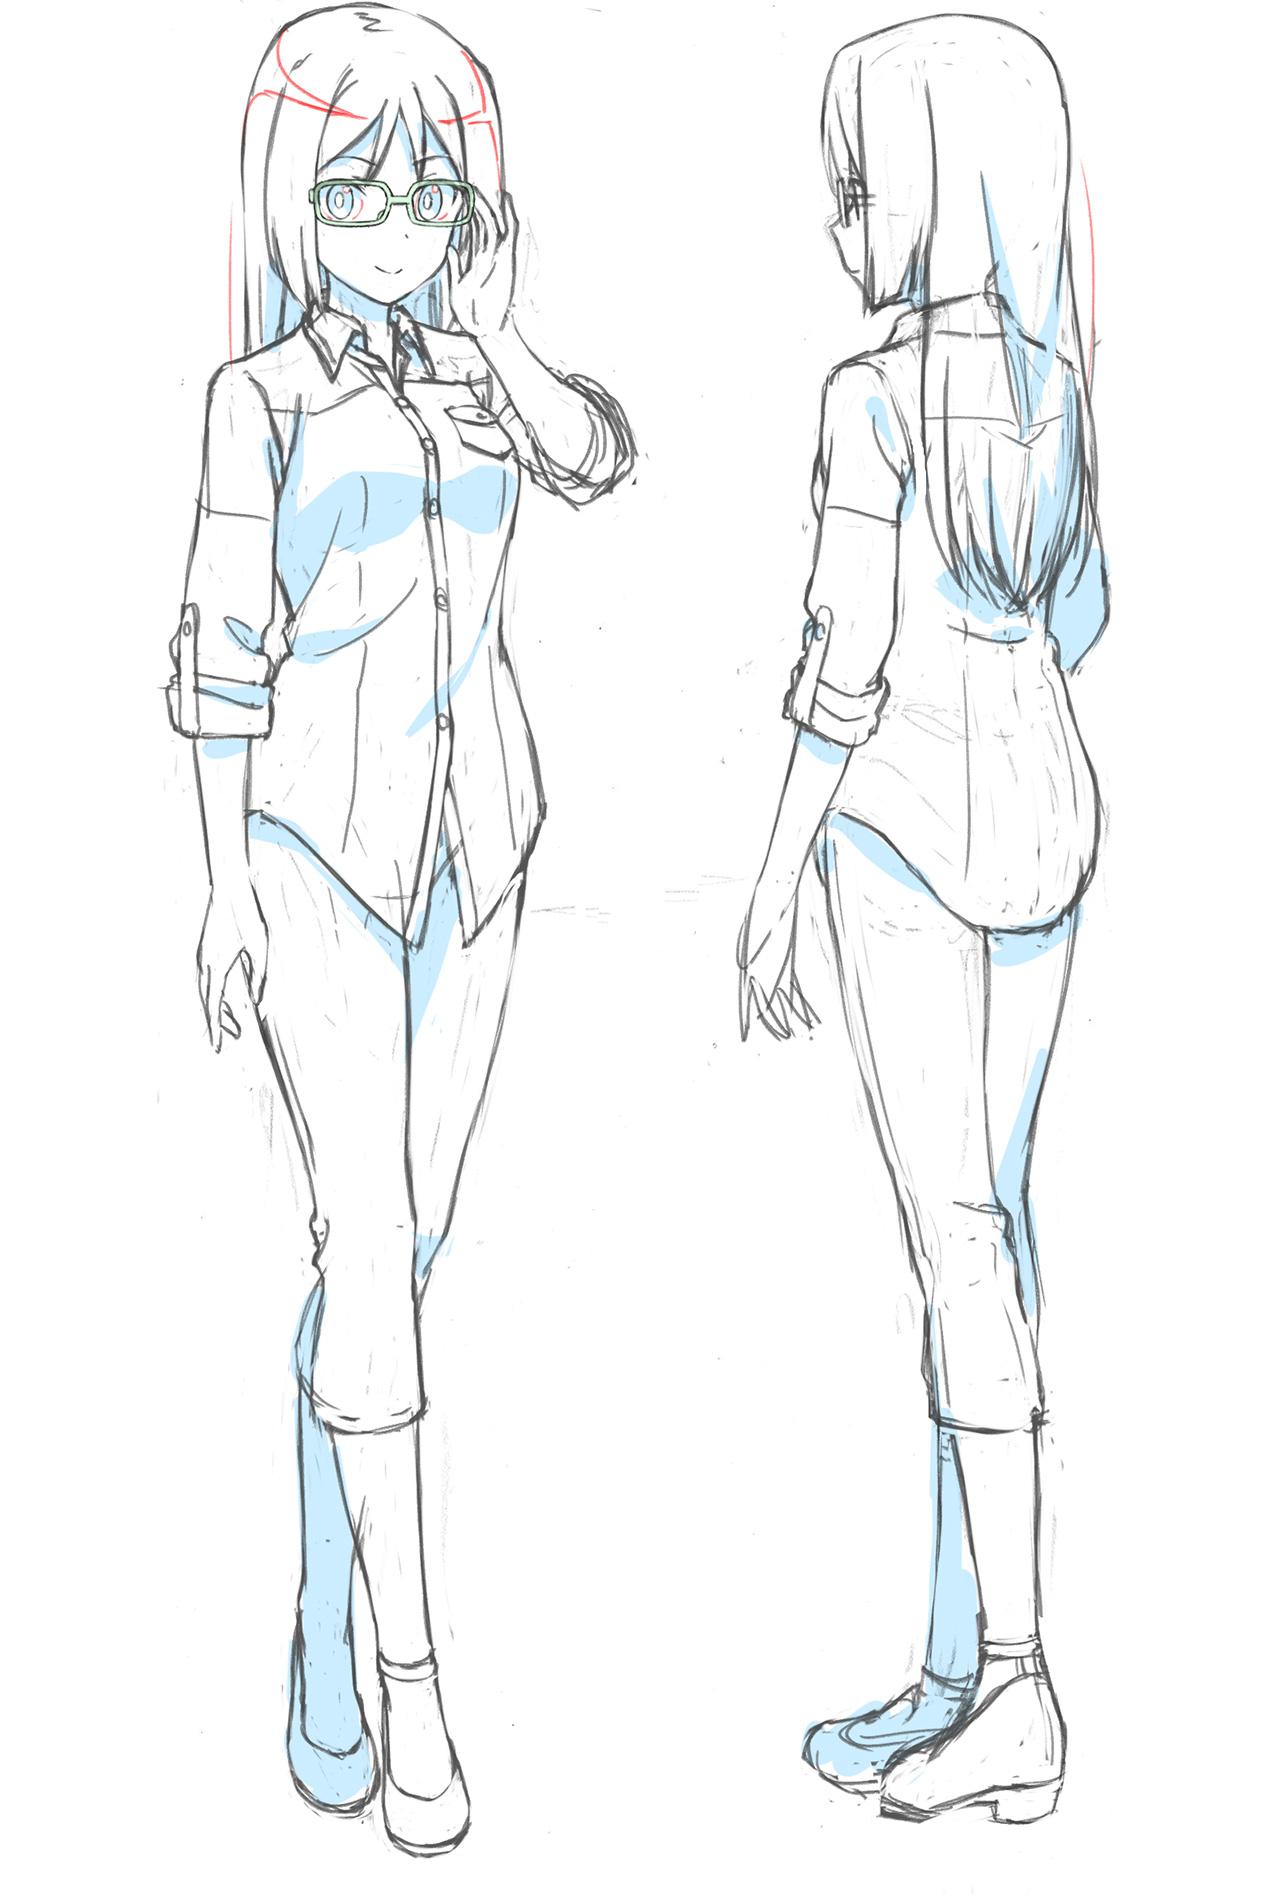 Un escenario de personajes de Fumika Momoshina, uno de los personajes principales del próximo Alice Gear Aegis OAV.